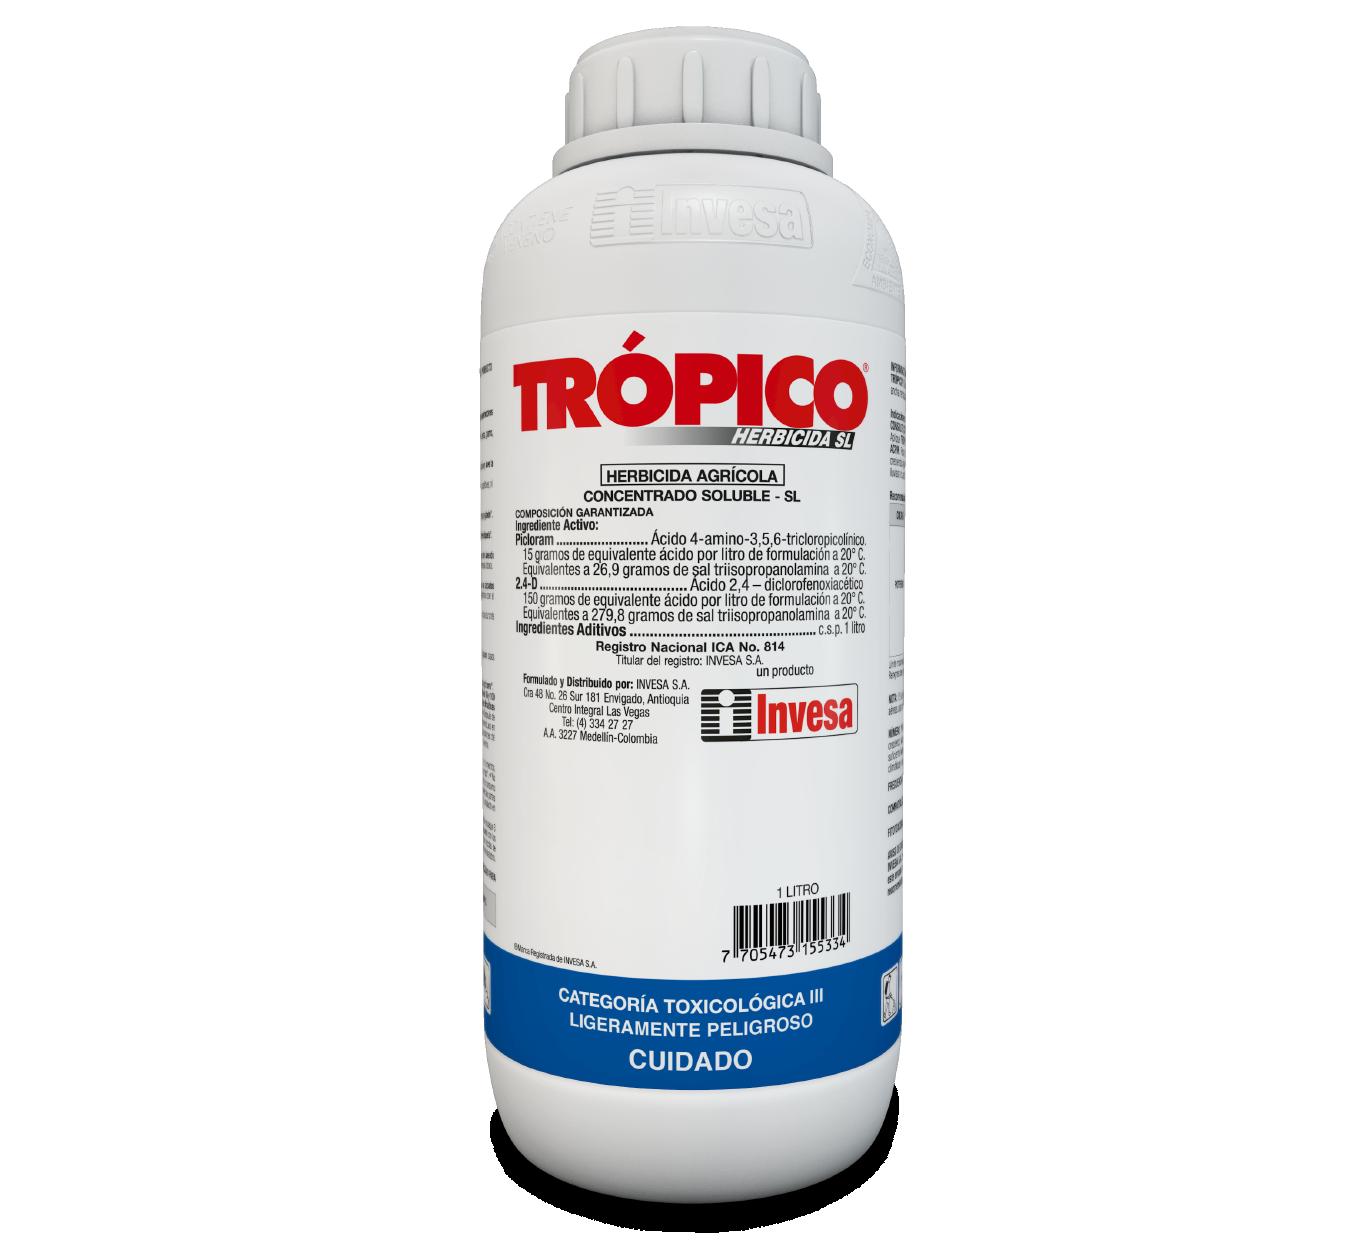 Herbicida tr%c3%b3pico sl invesa 1 litro